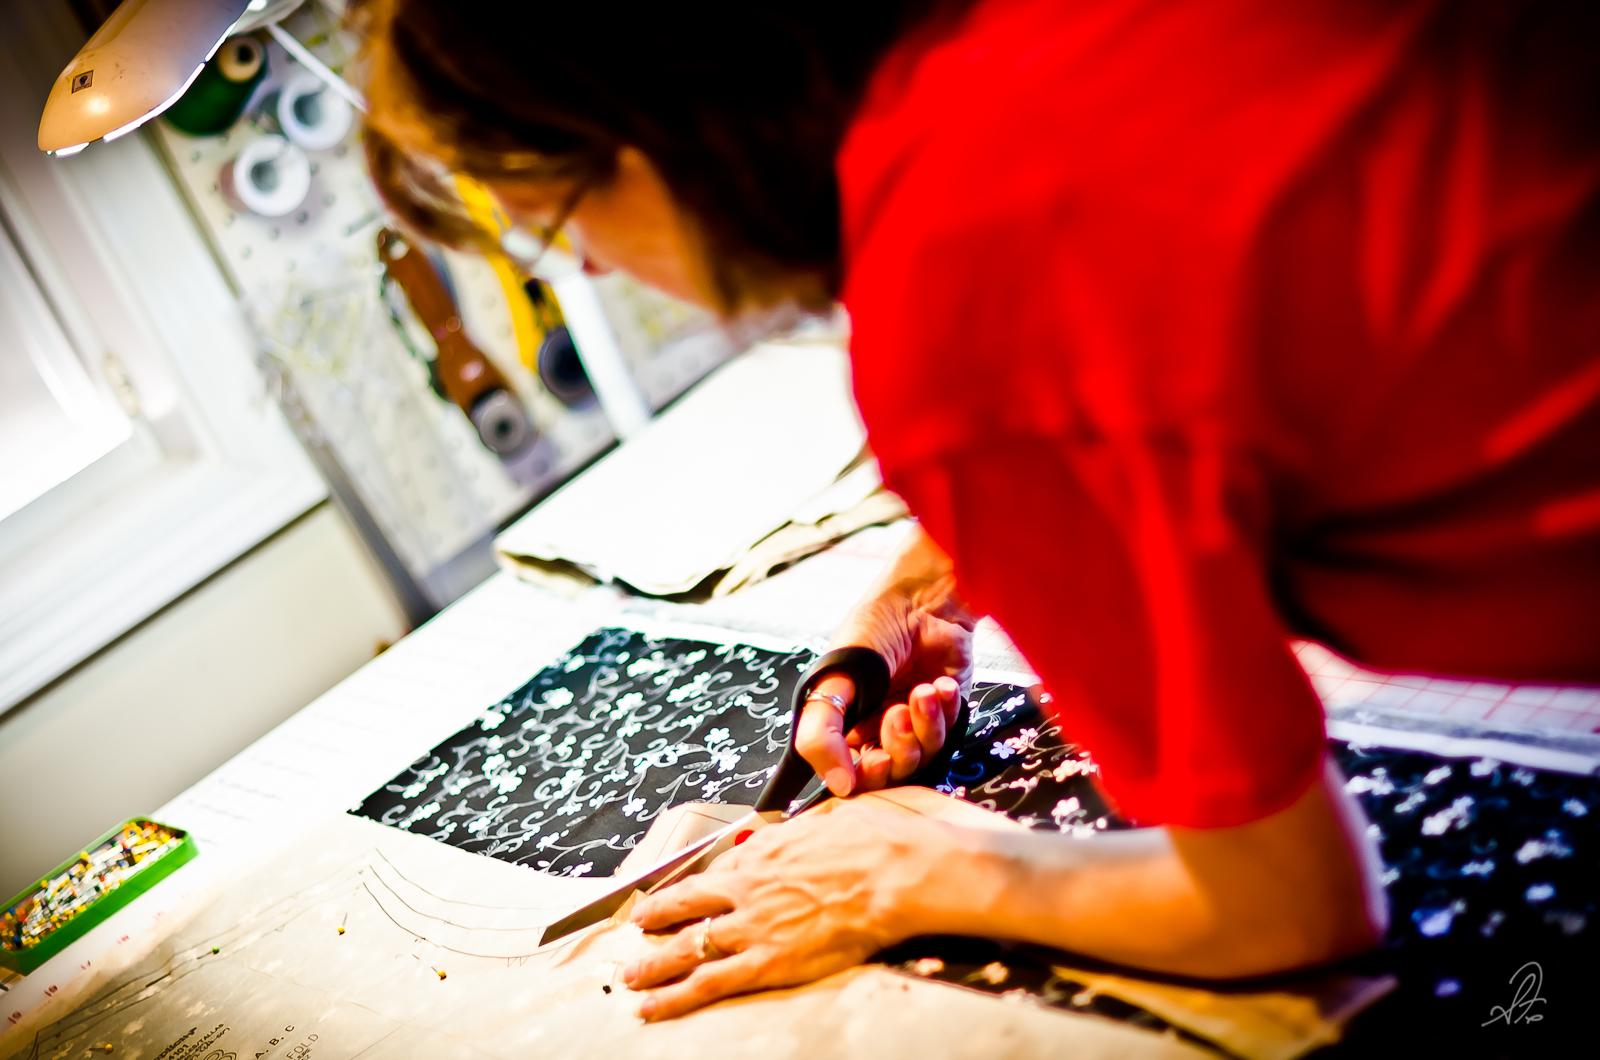 Deborah Cuts Out Fabric